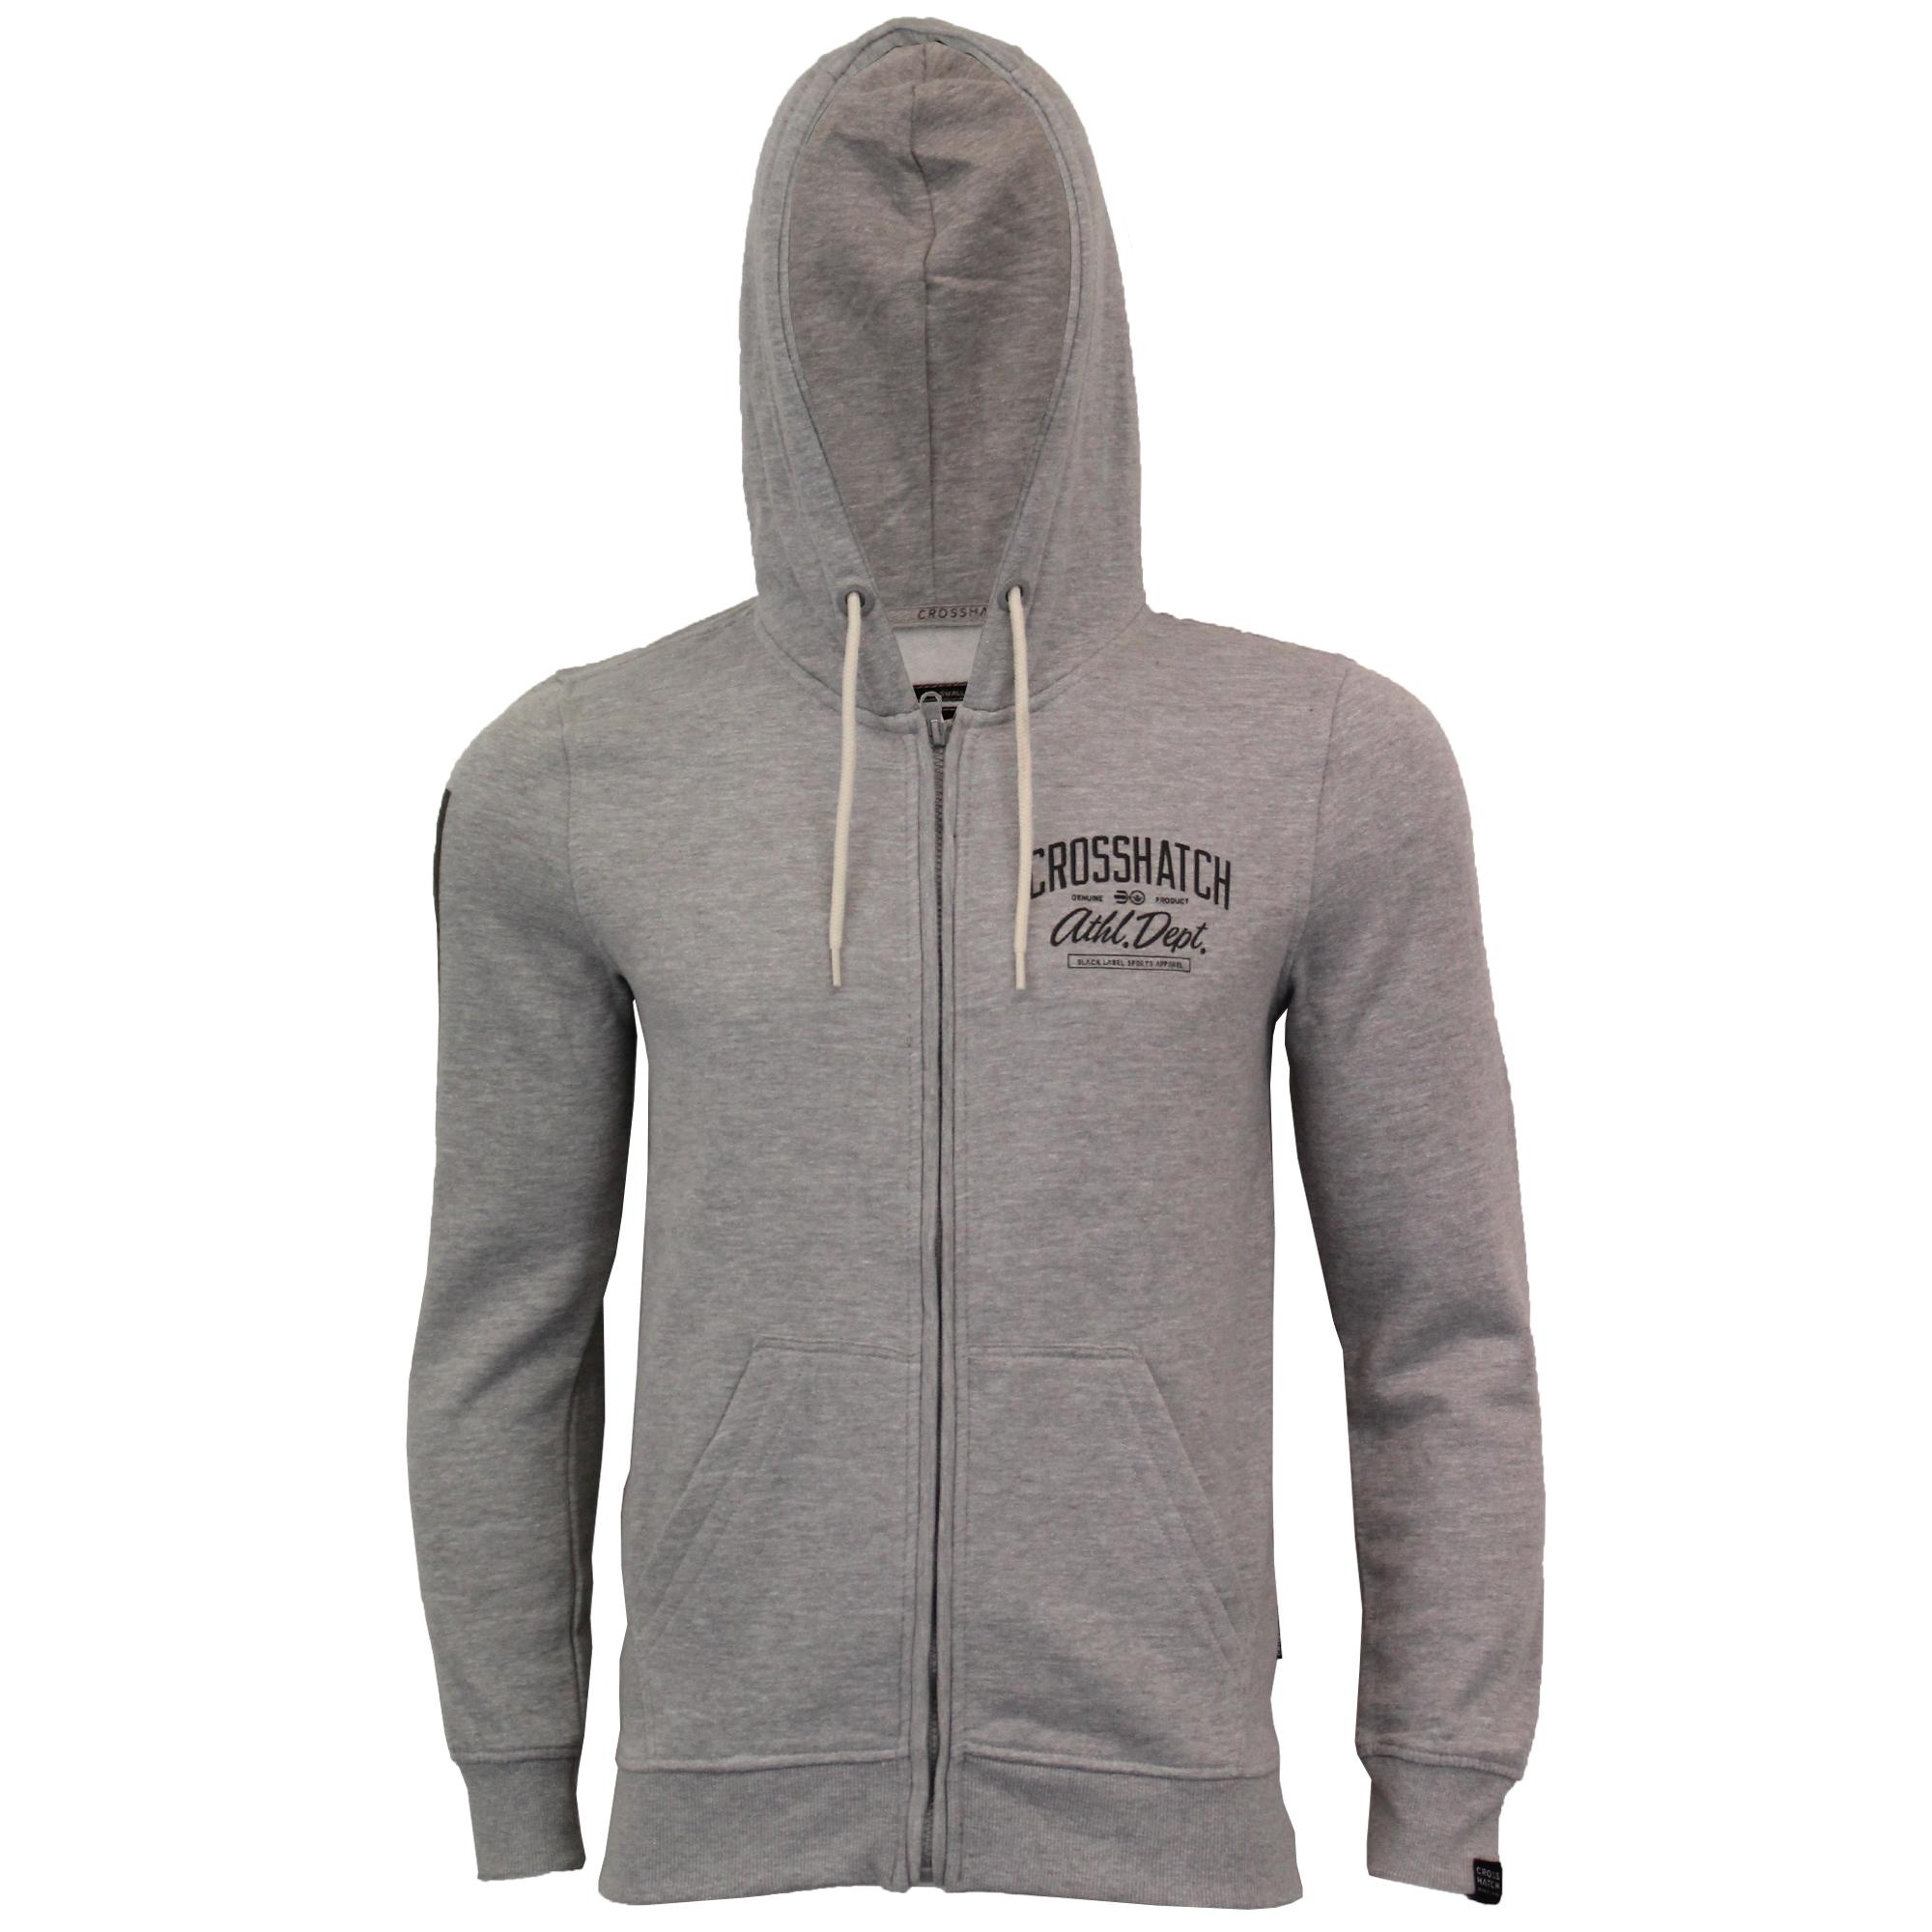 Mens-Sweatshirt-Crosshatch-Over-The-Head-Hoodie-Printed-Zip-Pullover-Top-Fleece thumbnail 11